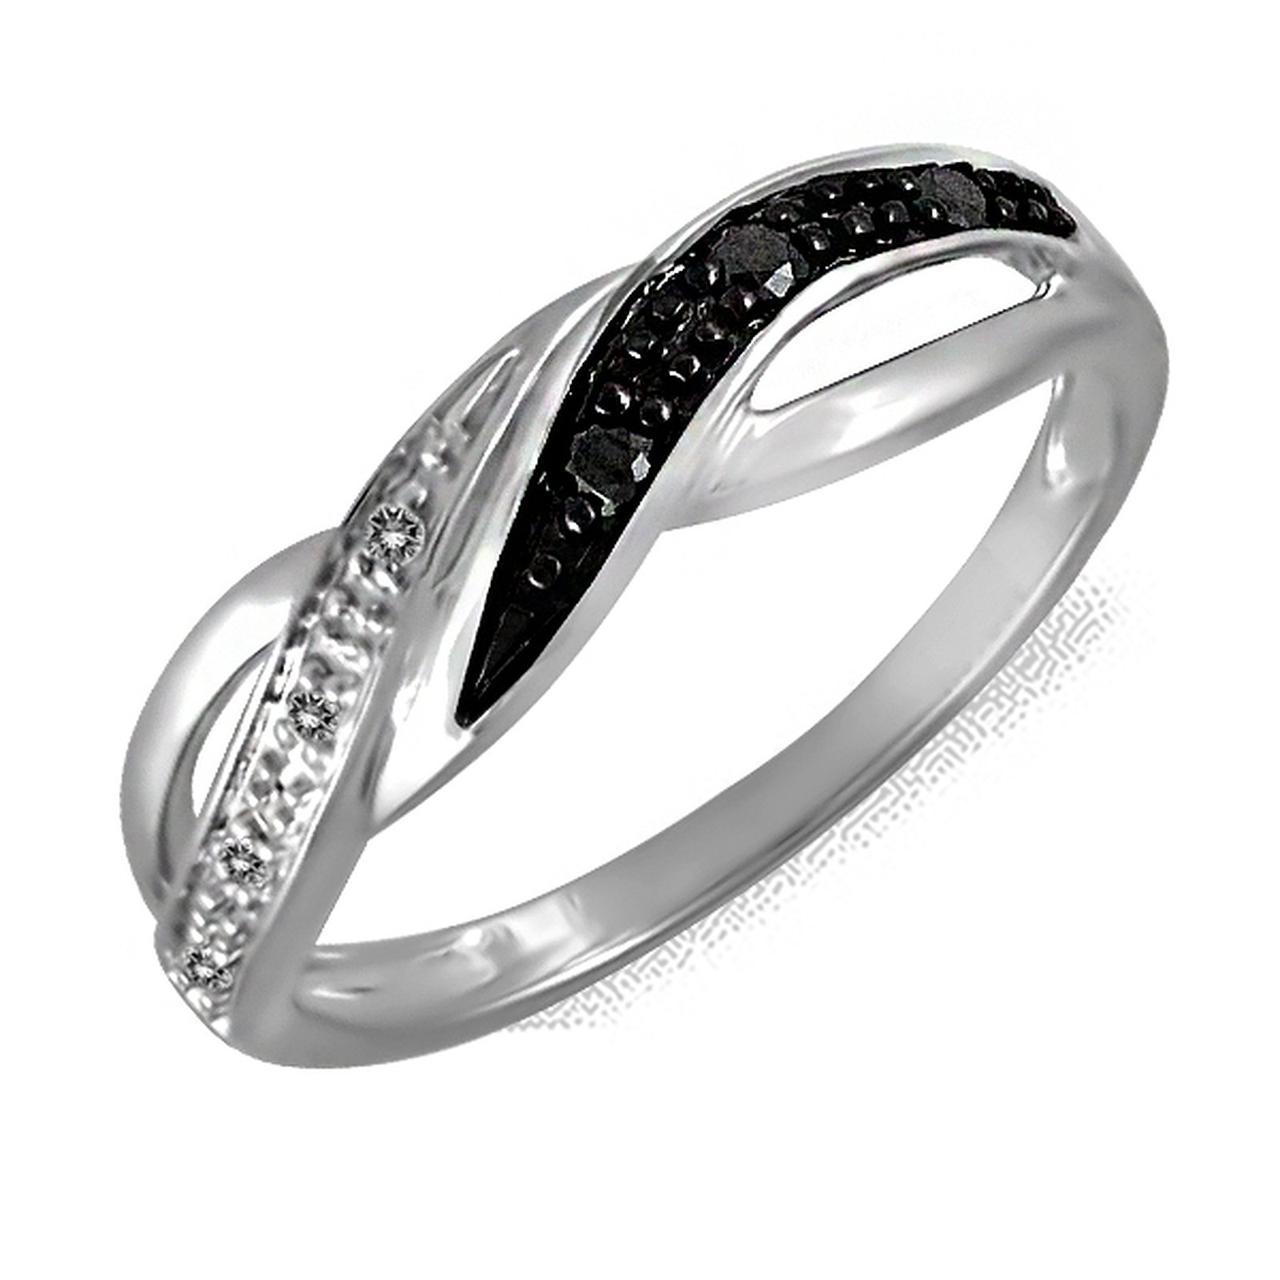 Золотое кольцо с бриллиантами, размер 16.5 (156353)